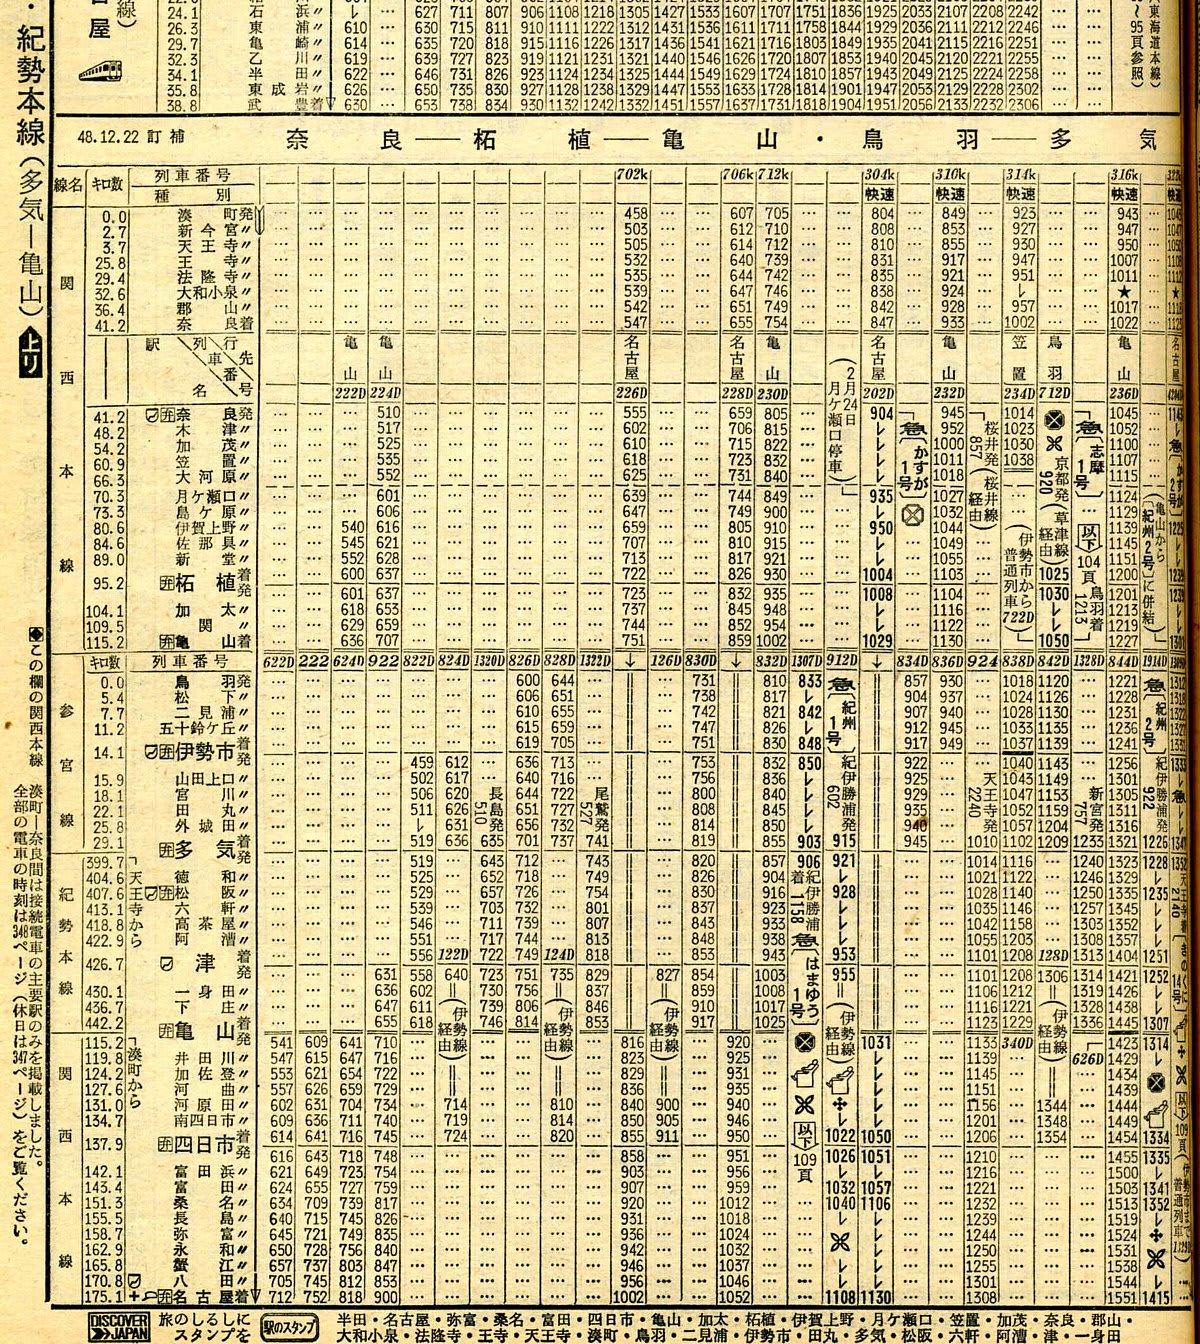 昭和49年の時刻表から - 国鉄があった時代blog版 鉄道 ...